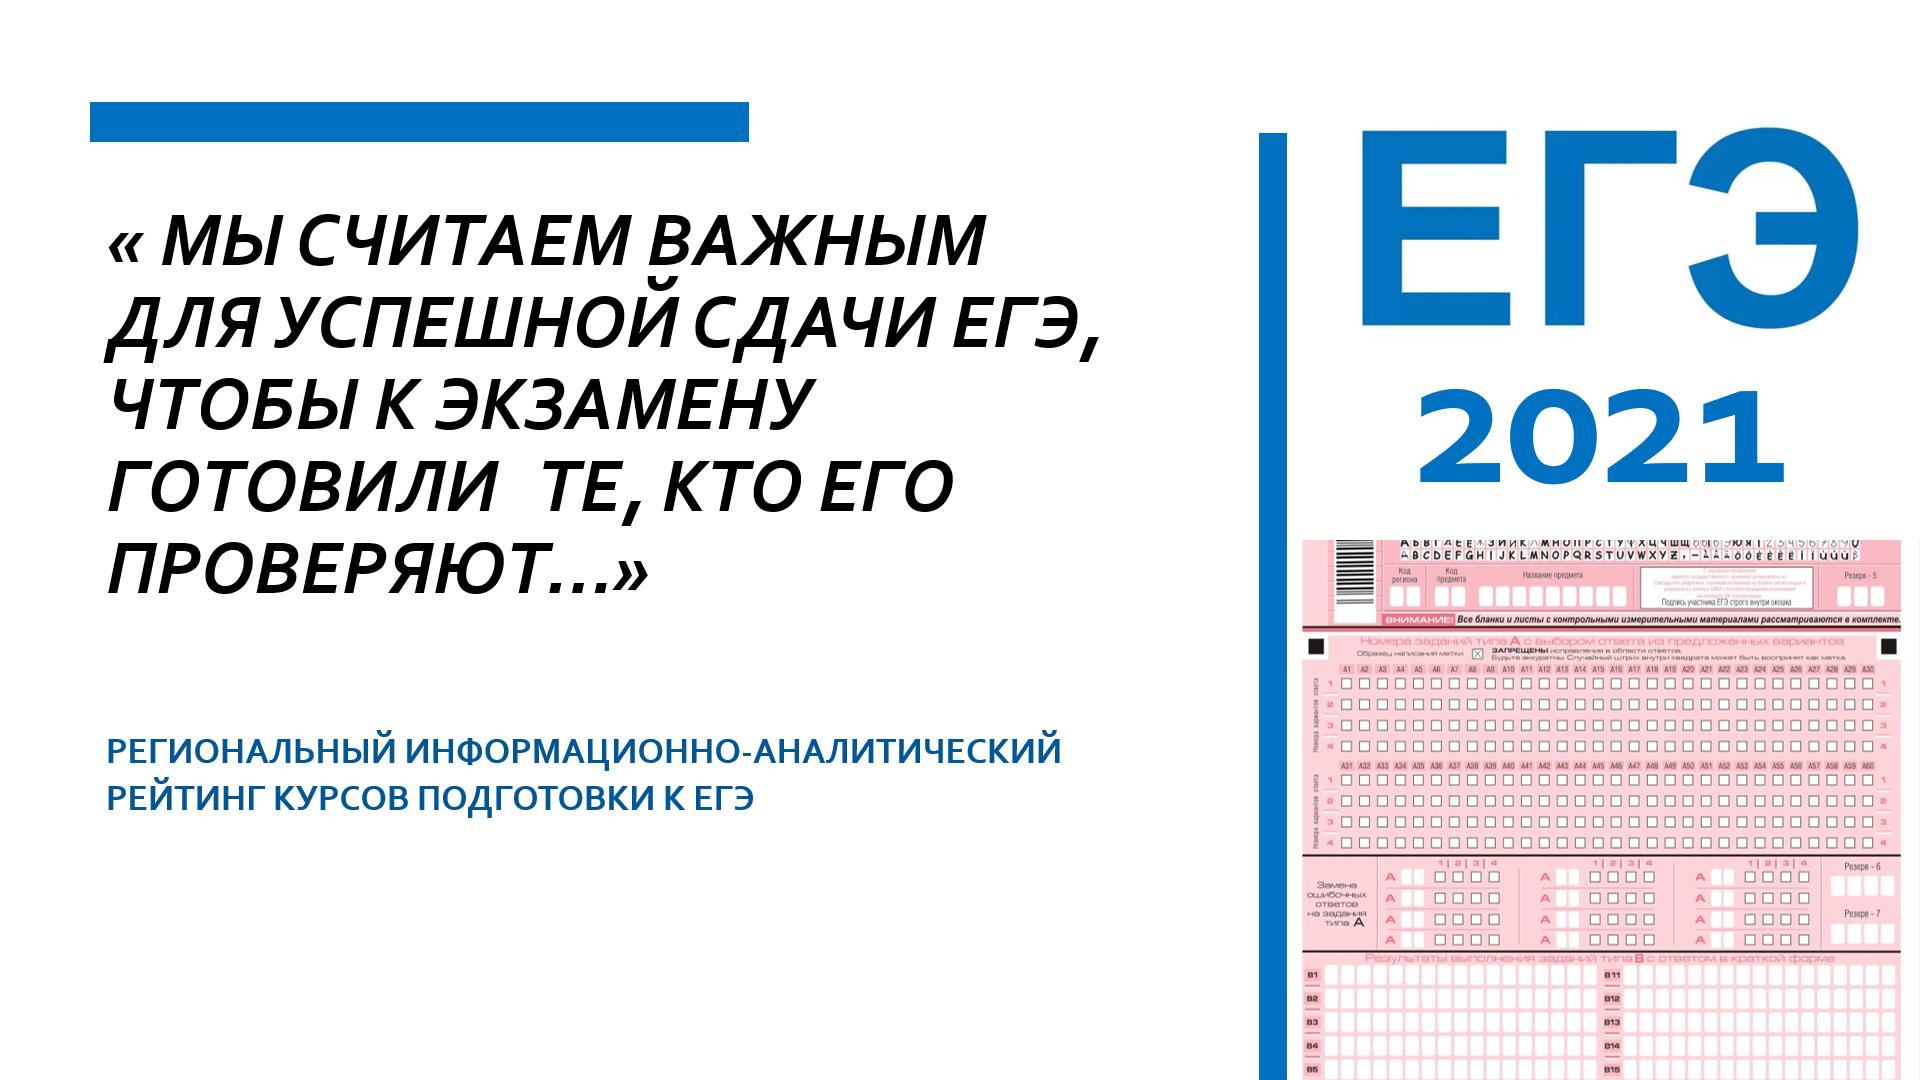 """<b class=""""_""""></b>Экспертов ЕГЭ даже по массовым предметам считаные десятки на всю Свердловскую область, ведь только лучшие в профессии могут пройти жесткий отбор"""